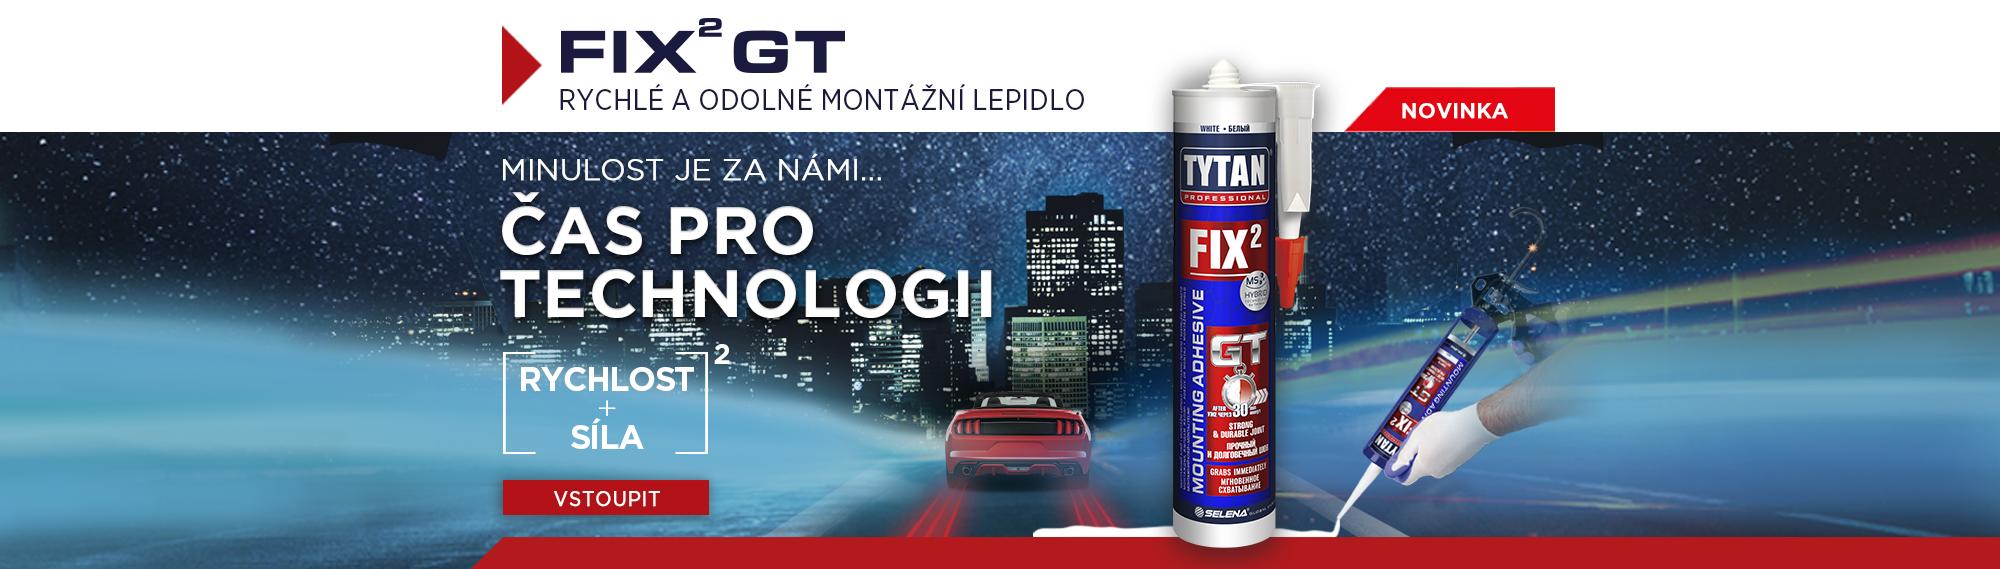 Tytan Professional FIX² GT Rychlé a odolné montážní lepidlo